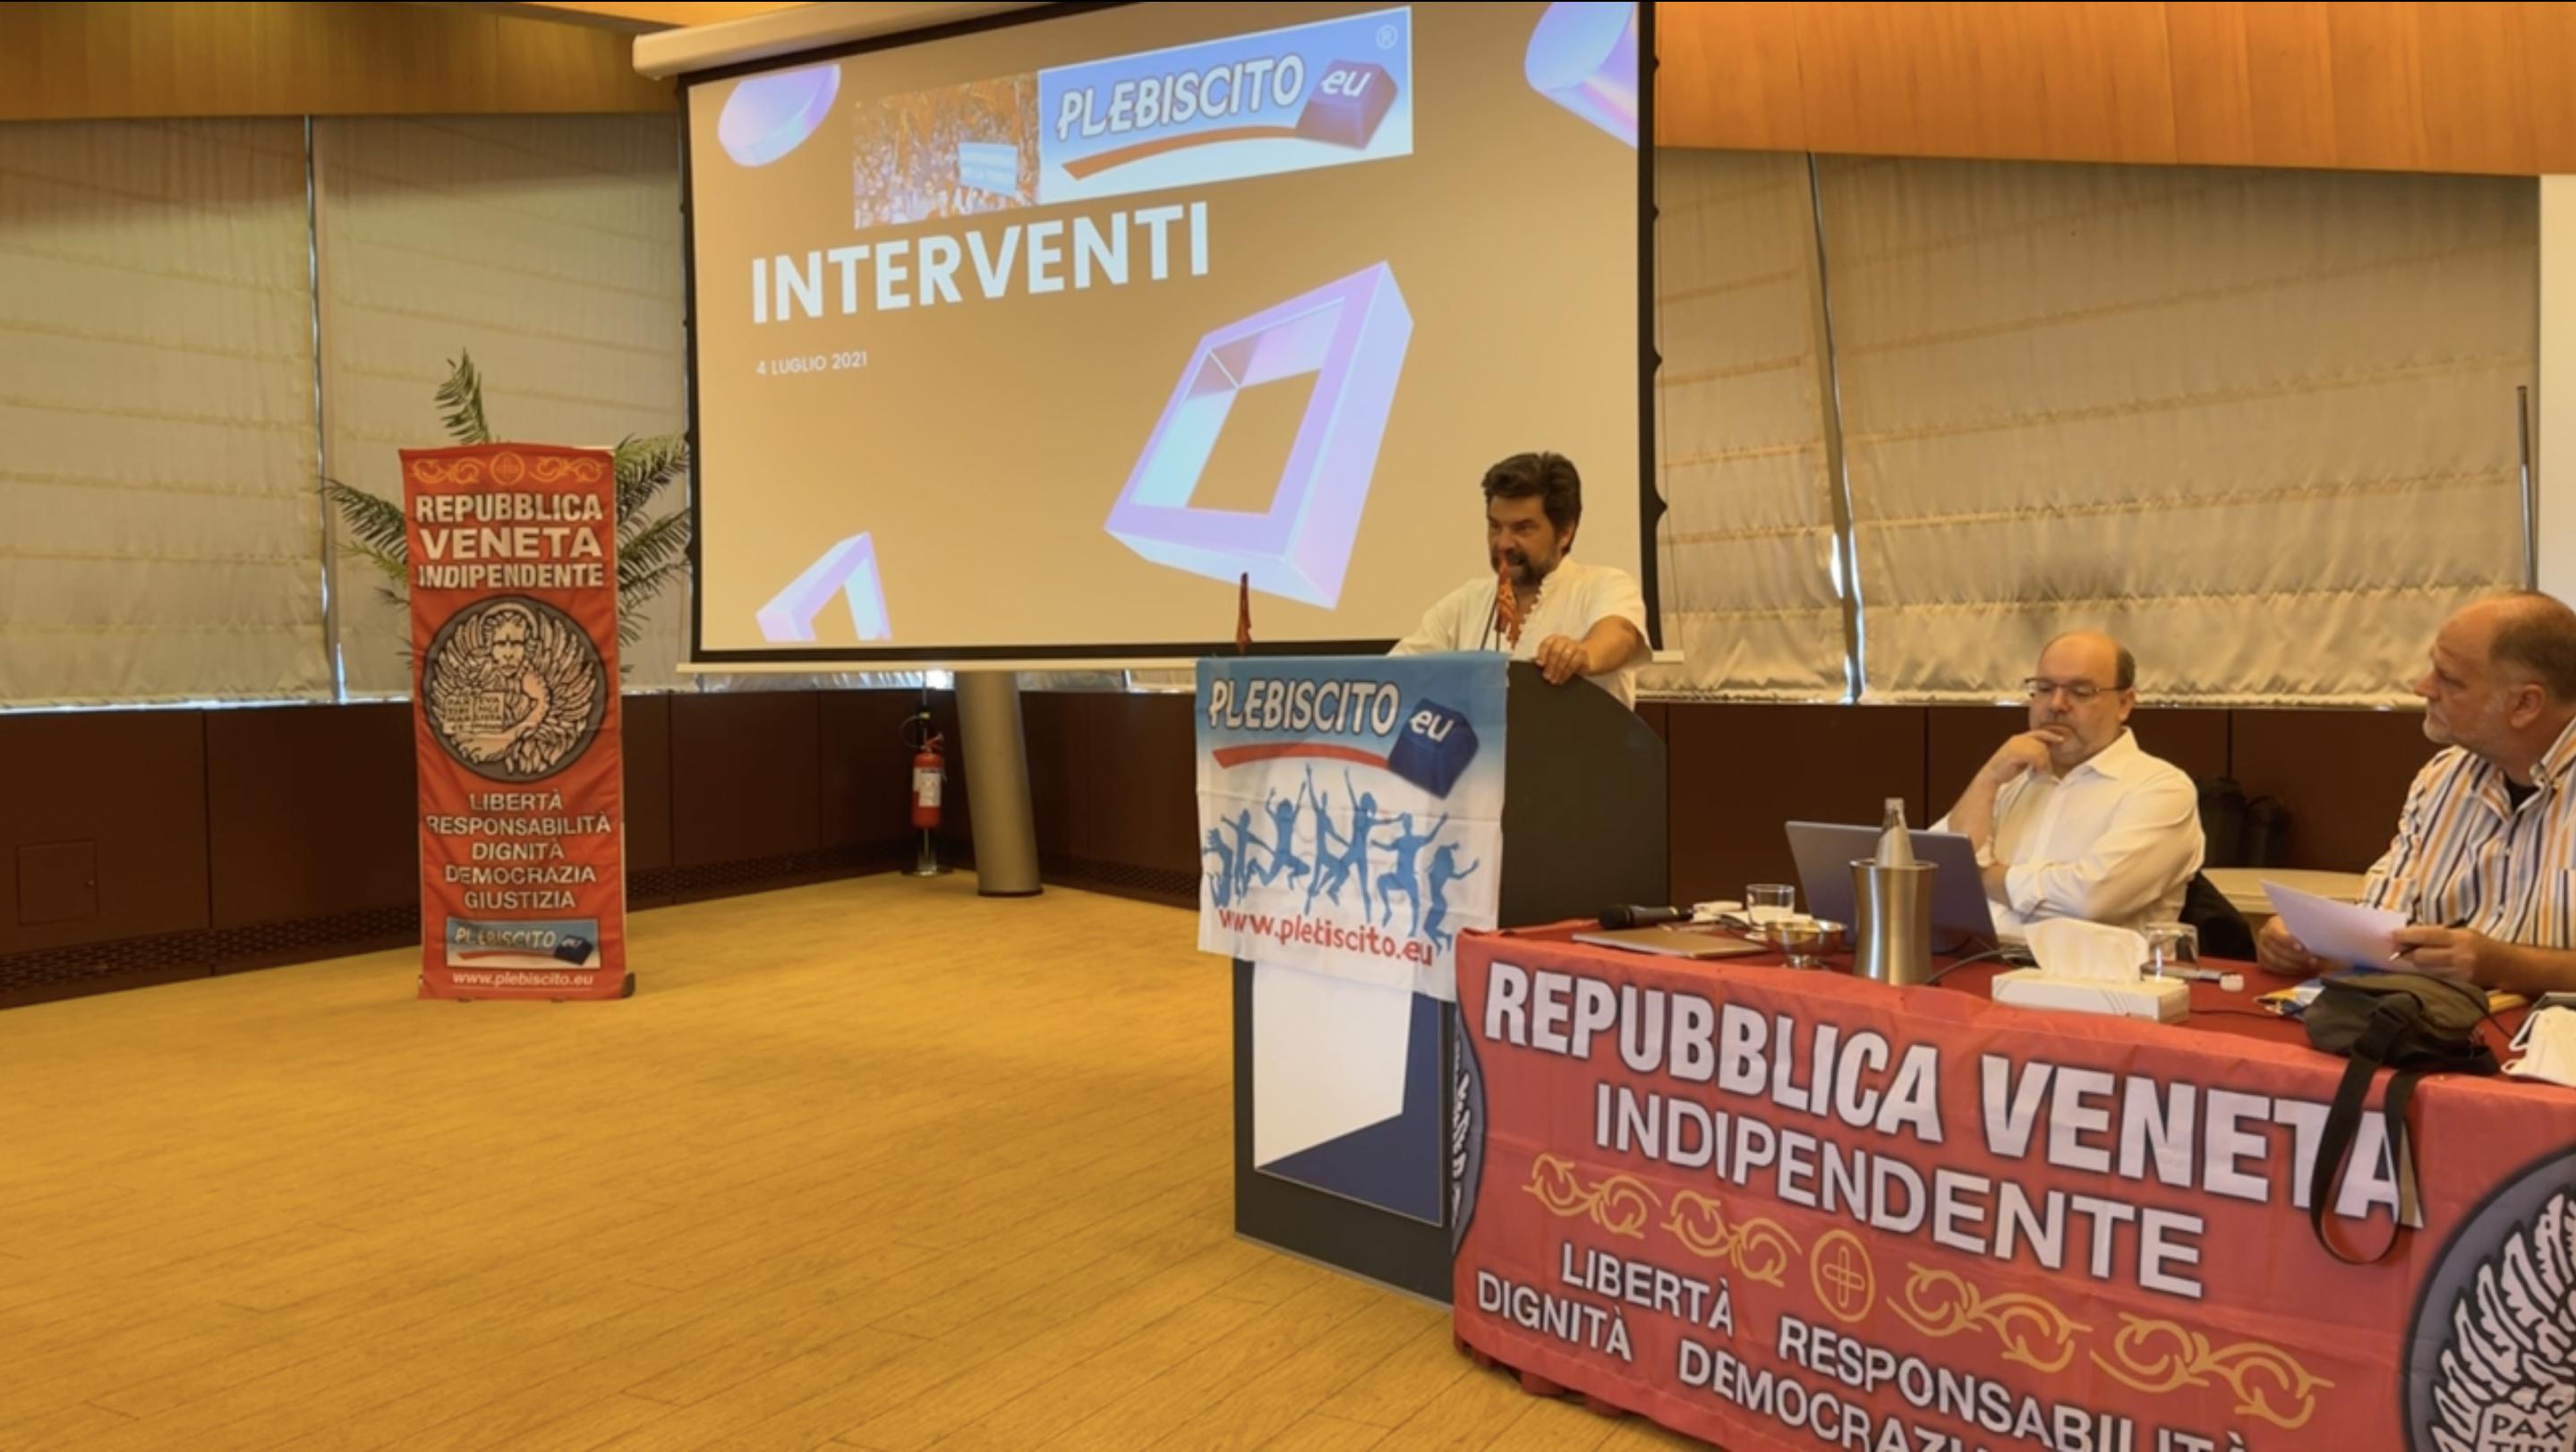 Plebiscito.eu verso il Congresso nel segno dell'indipendenza del Veneto